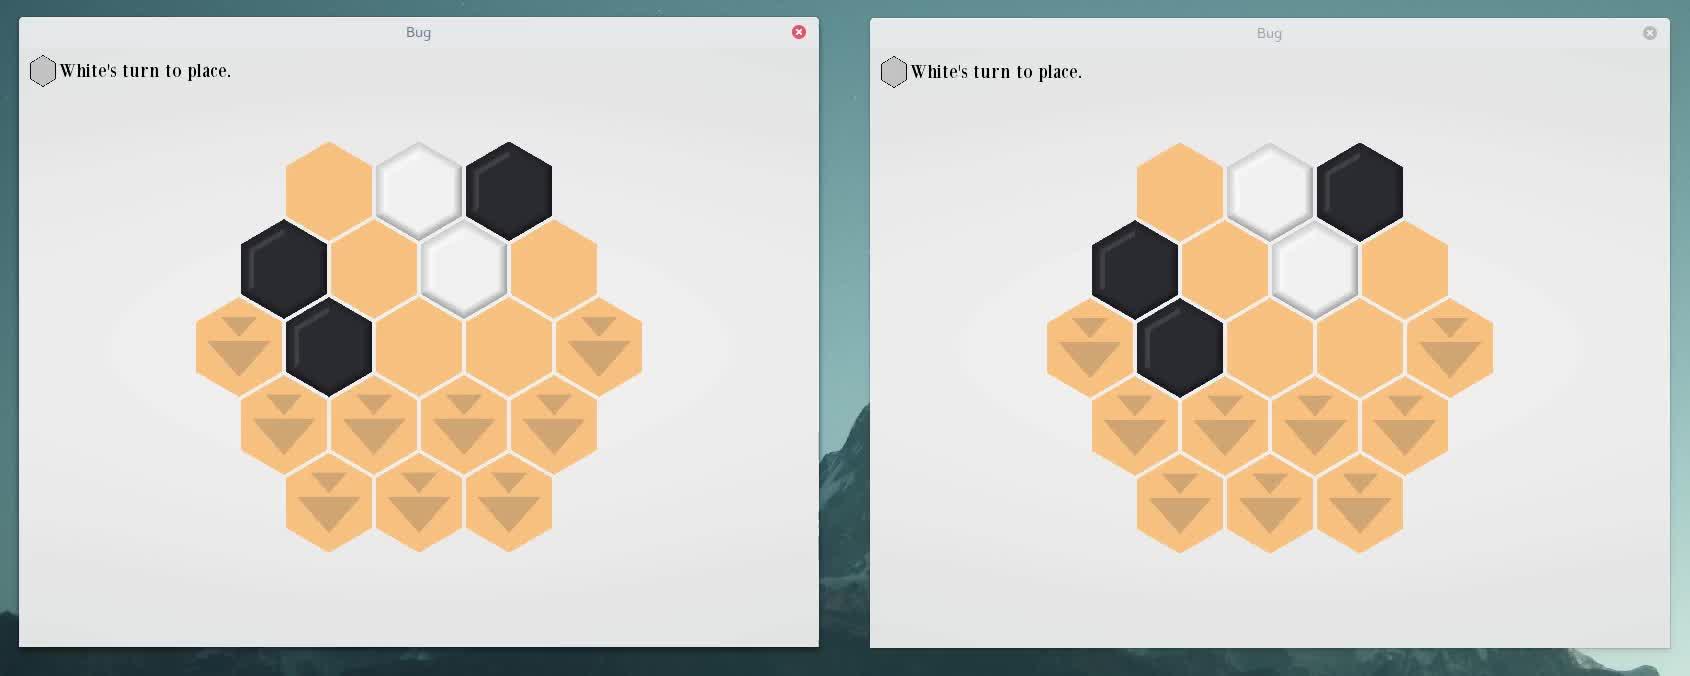 bug-demo-multiplayer GIFs